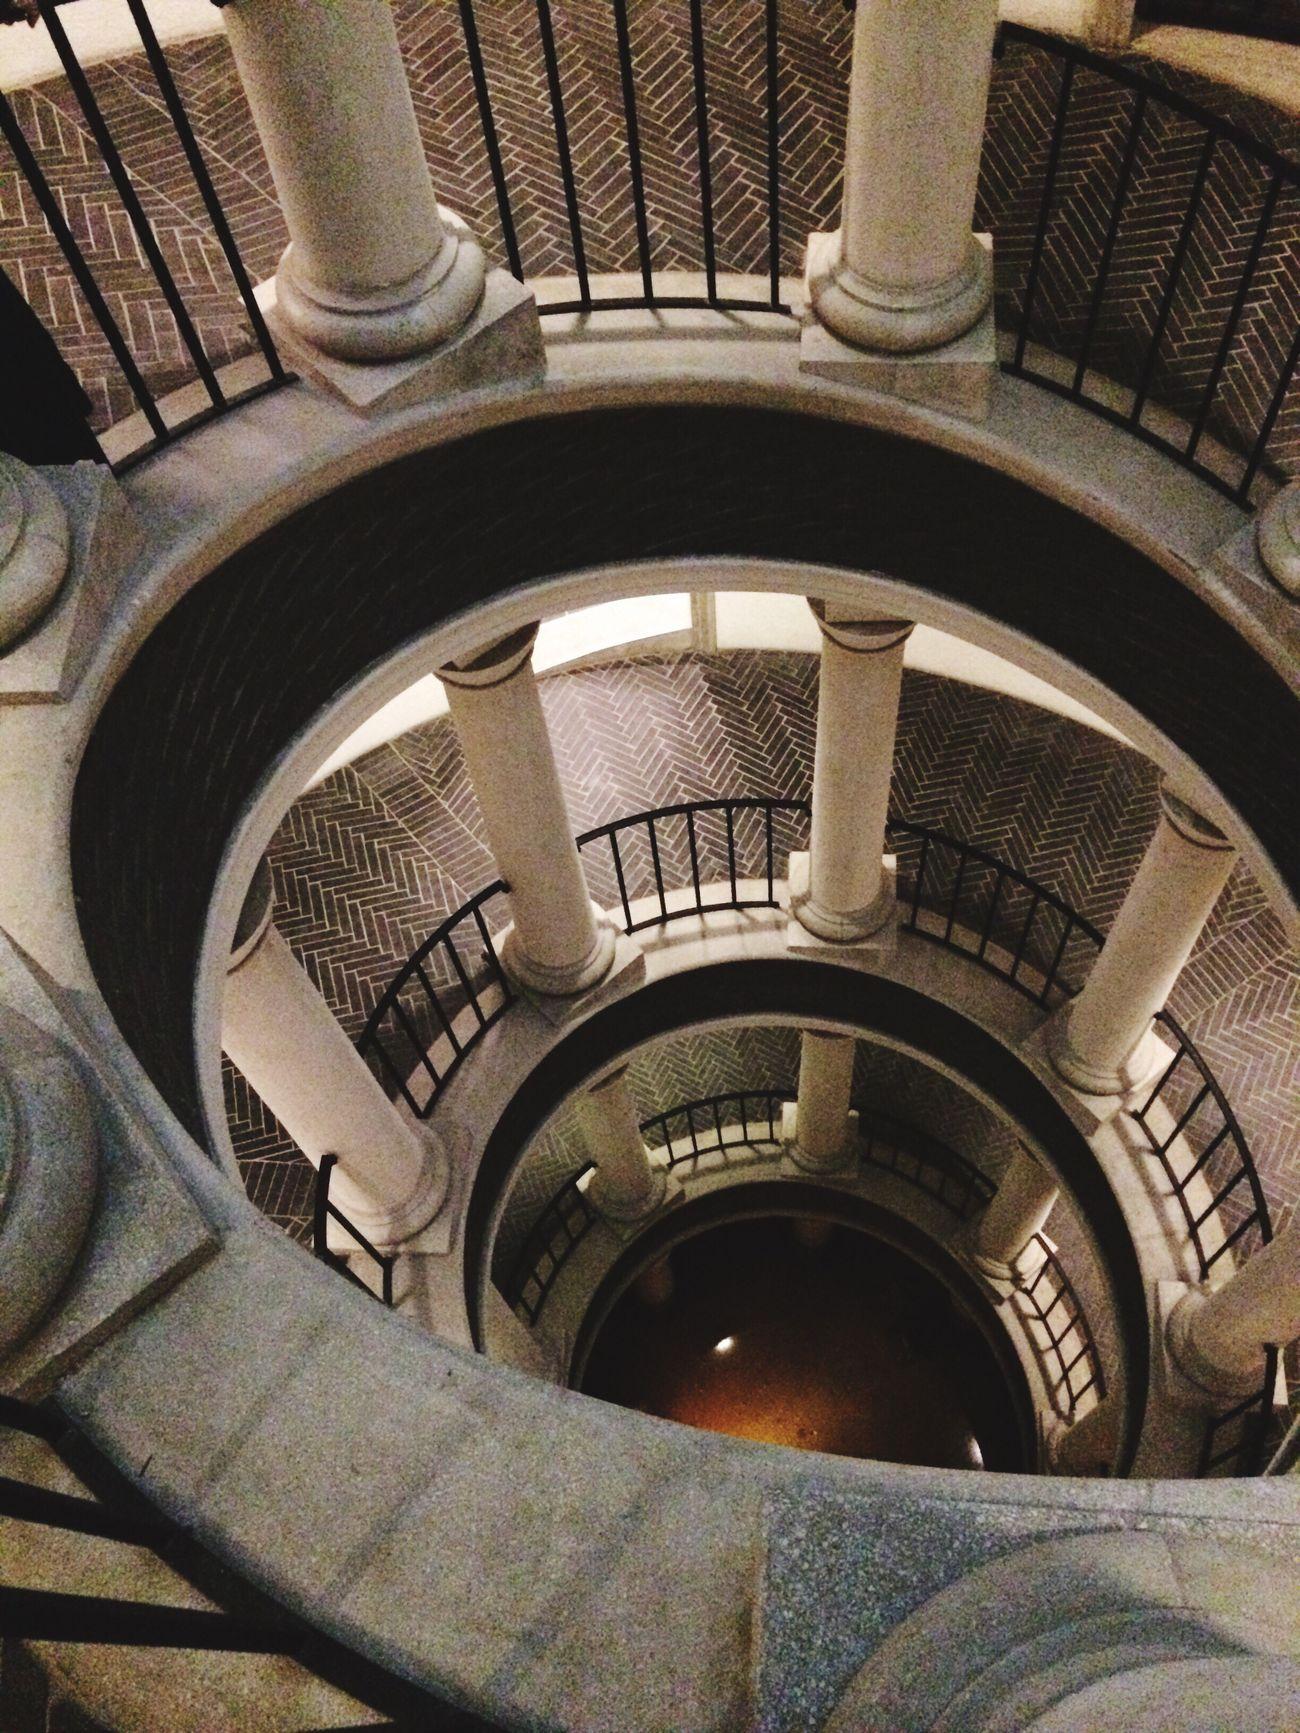 Babel tower Building Inside Things Sclupture Stairways